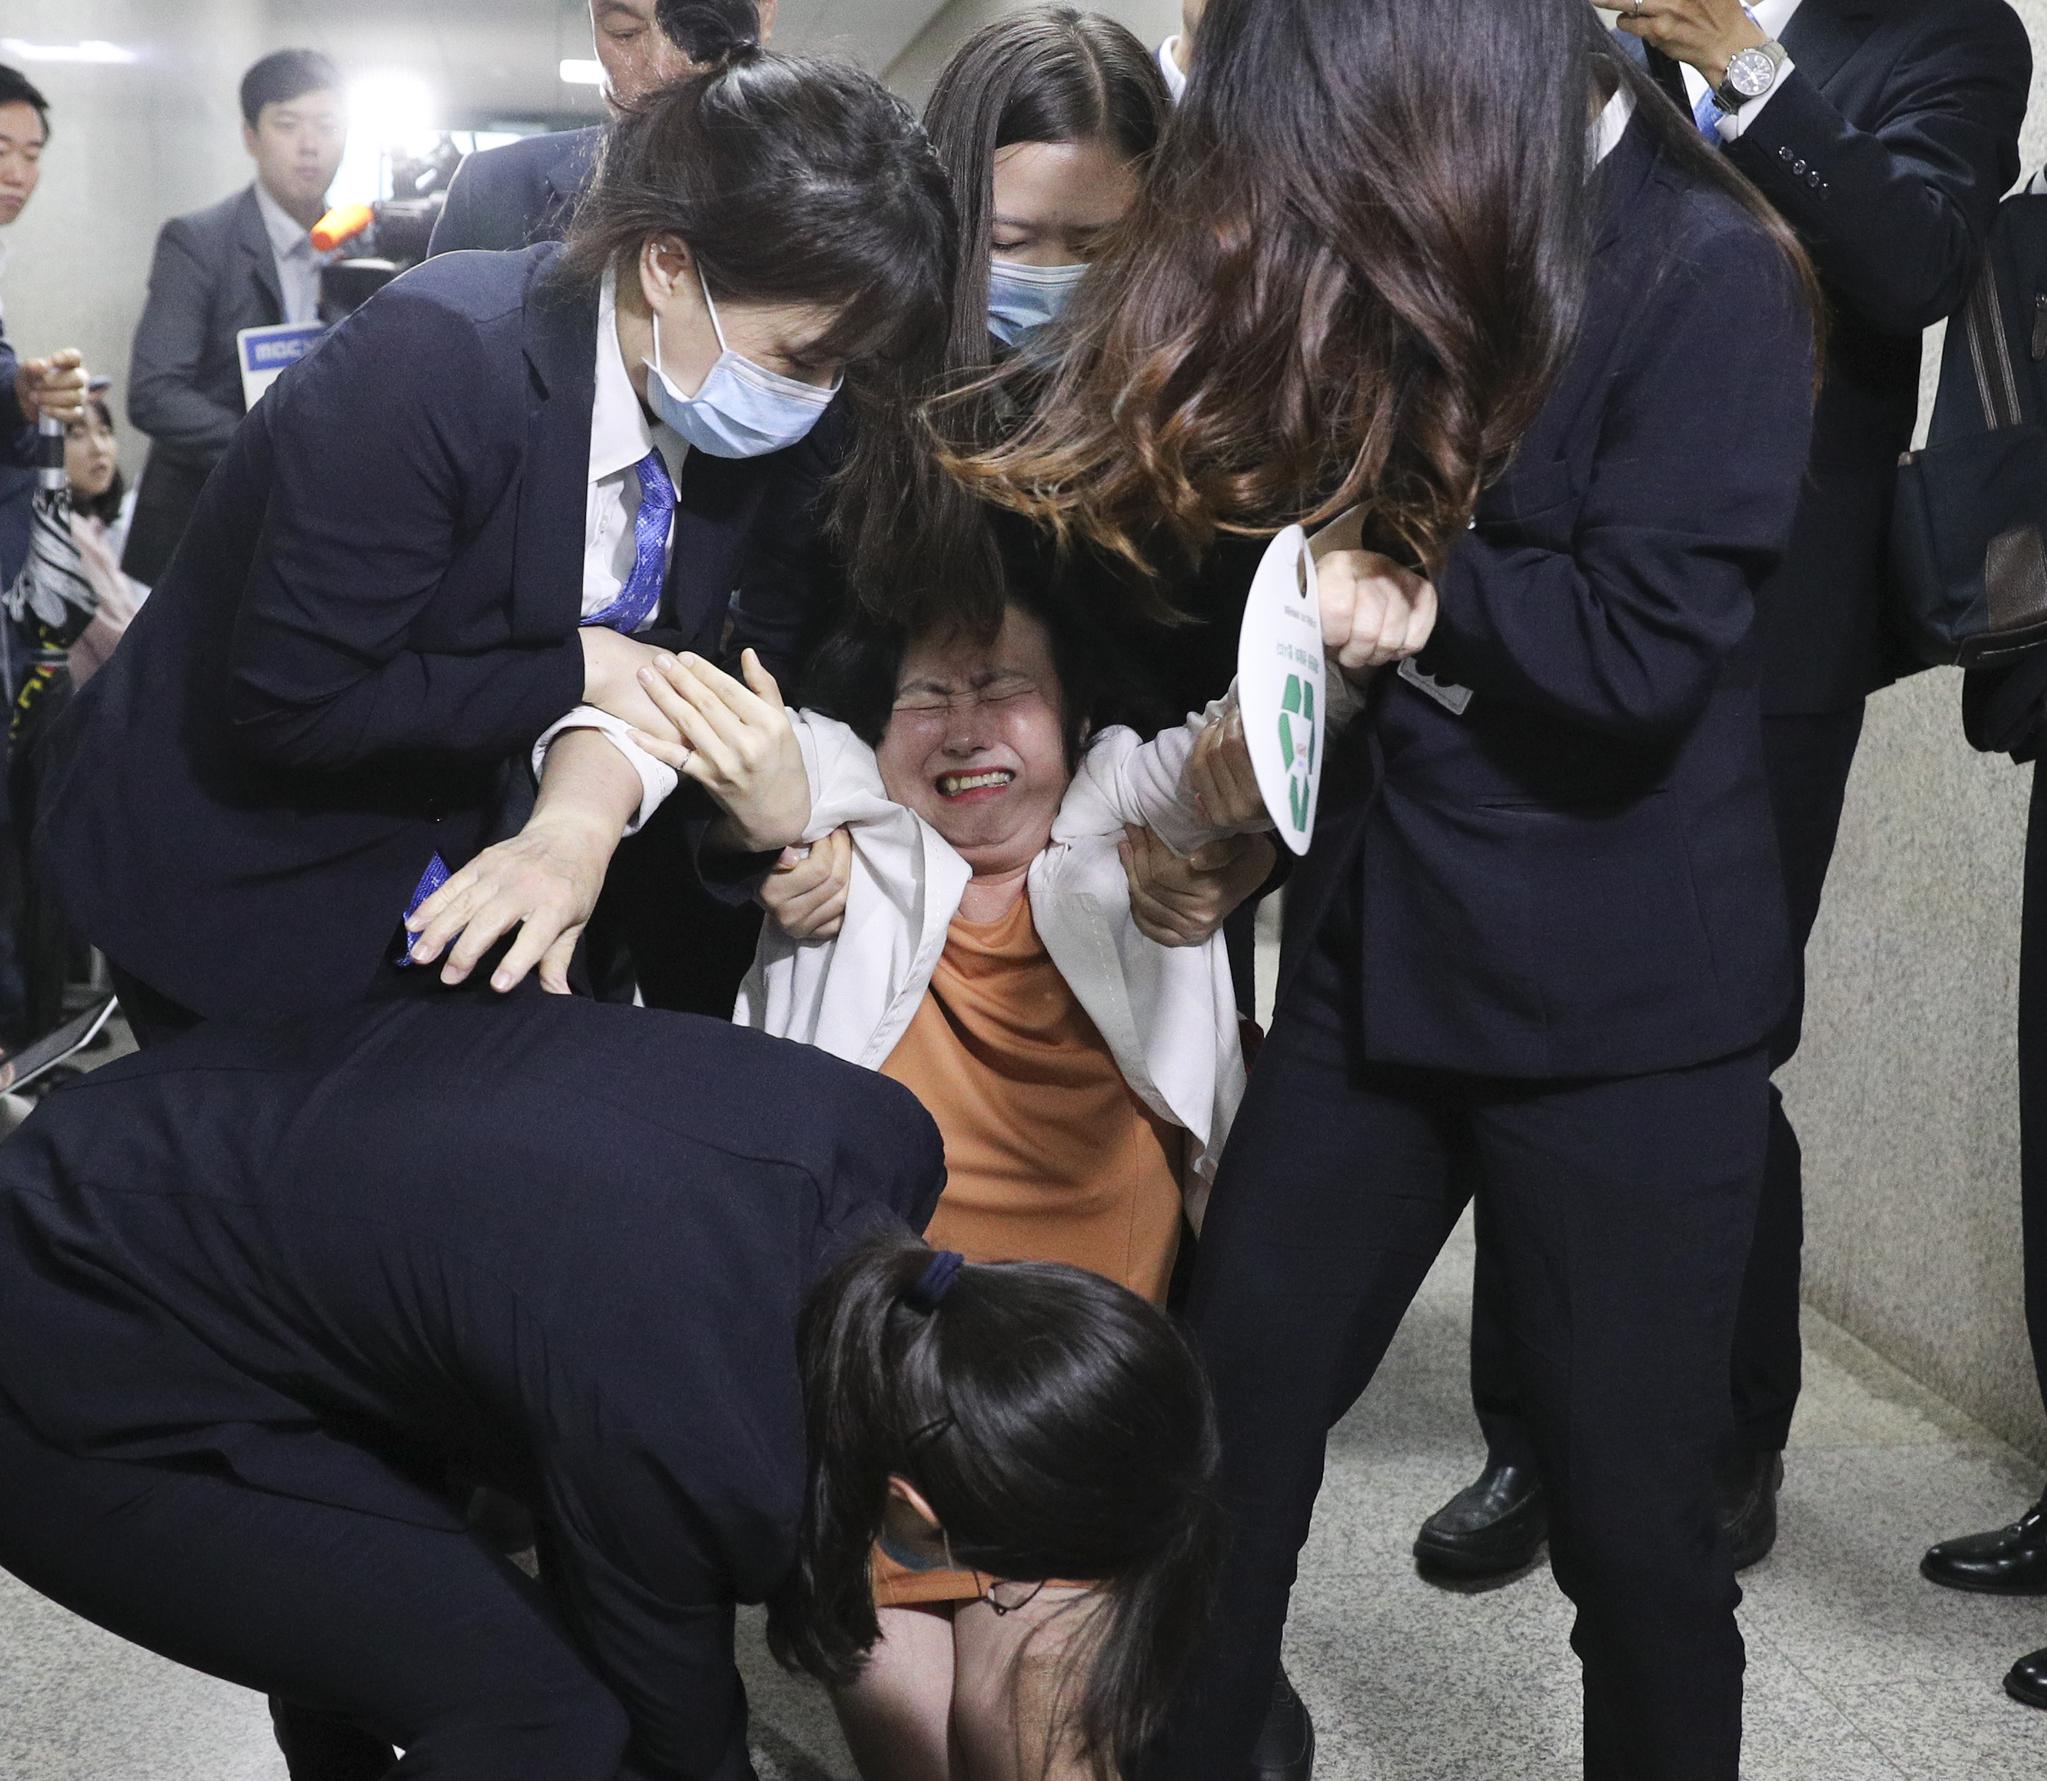 26일 오전 국회 바른미래당 당대표회의실 앞에서 한 당원이 손학규 대표의 퇴진을 요구하다 국회 방호과 직원에 의해 끌려나가고 있다. 임현동 기자